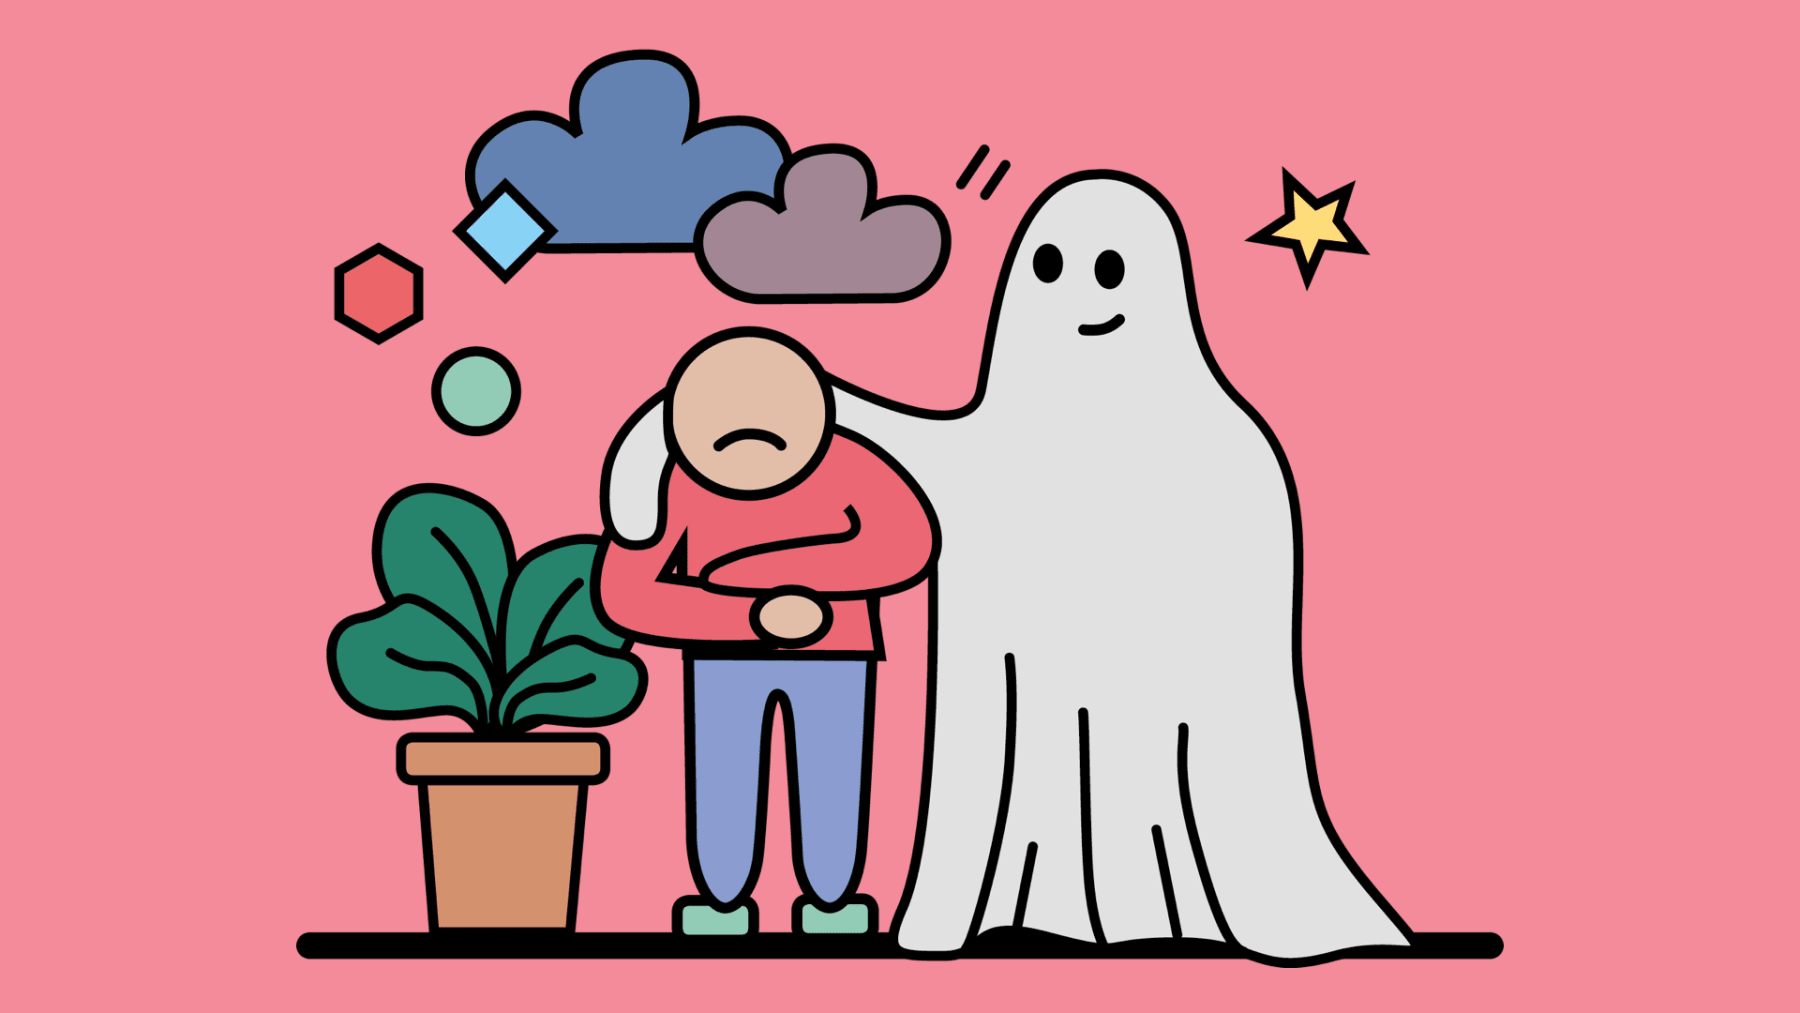 Eine Person, die sich wie ein Gespenst unsichtbar mache